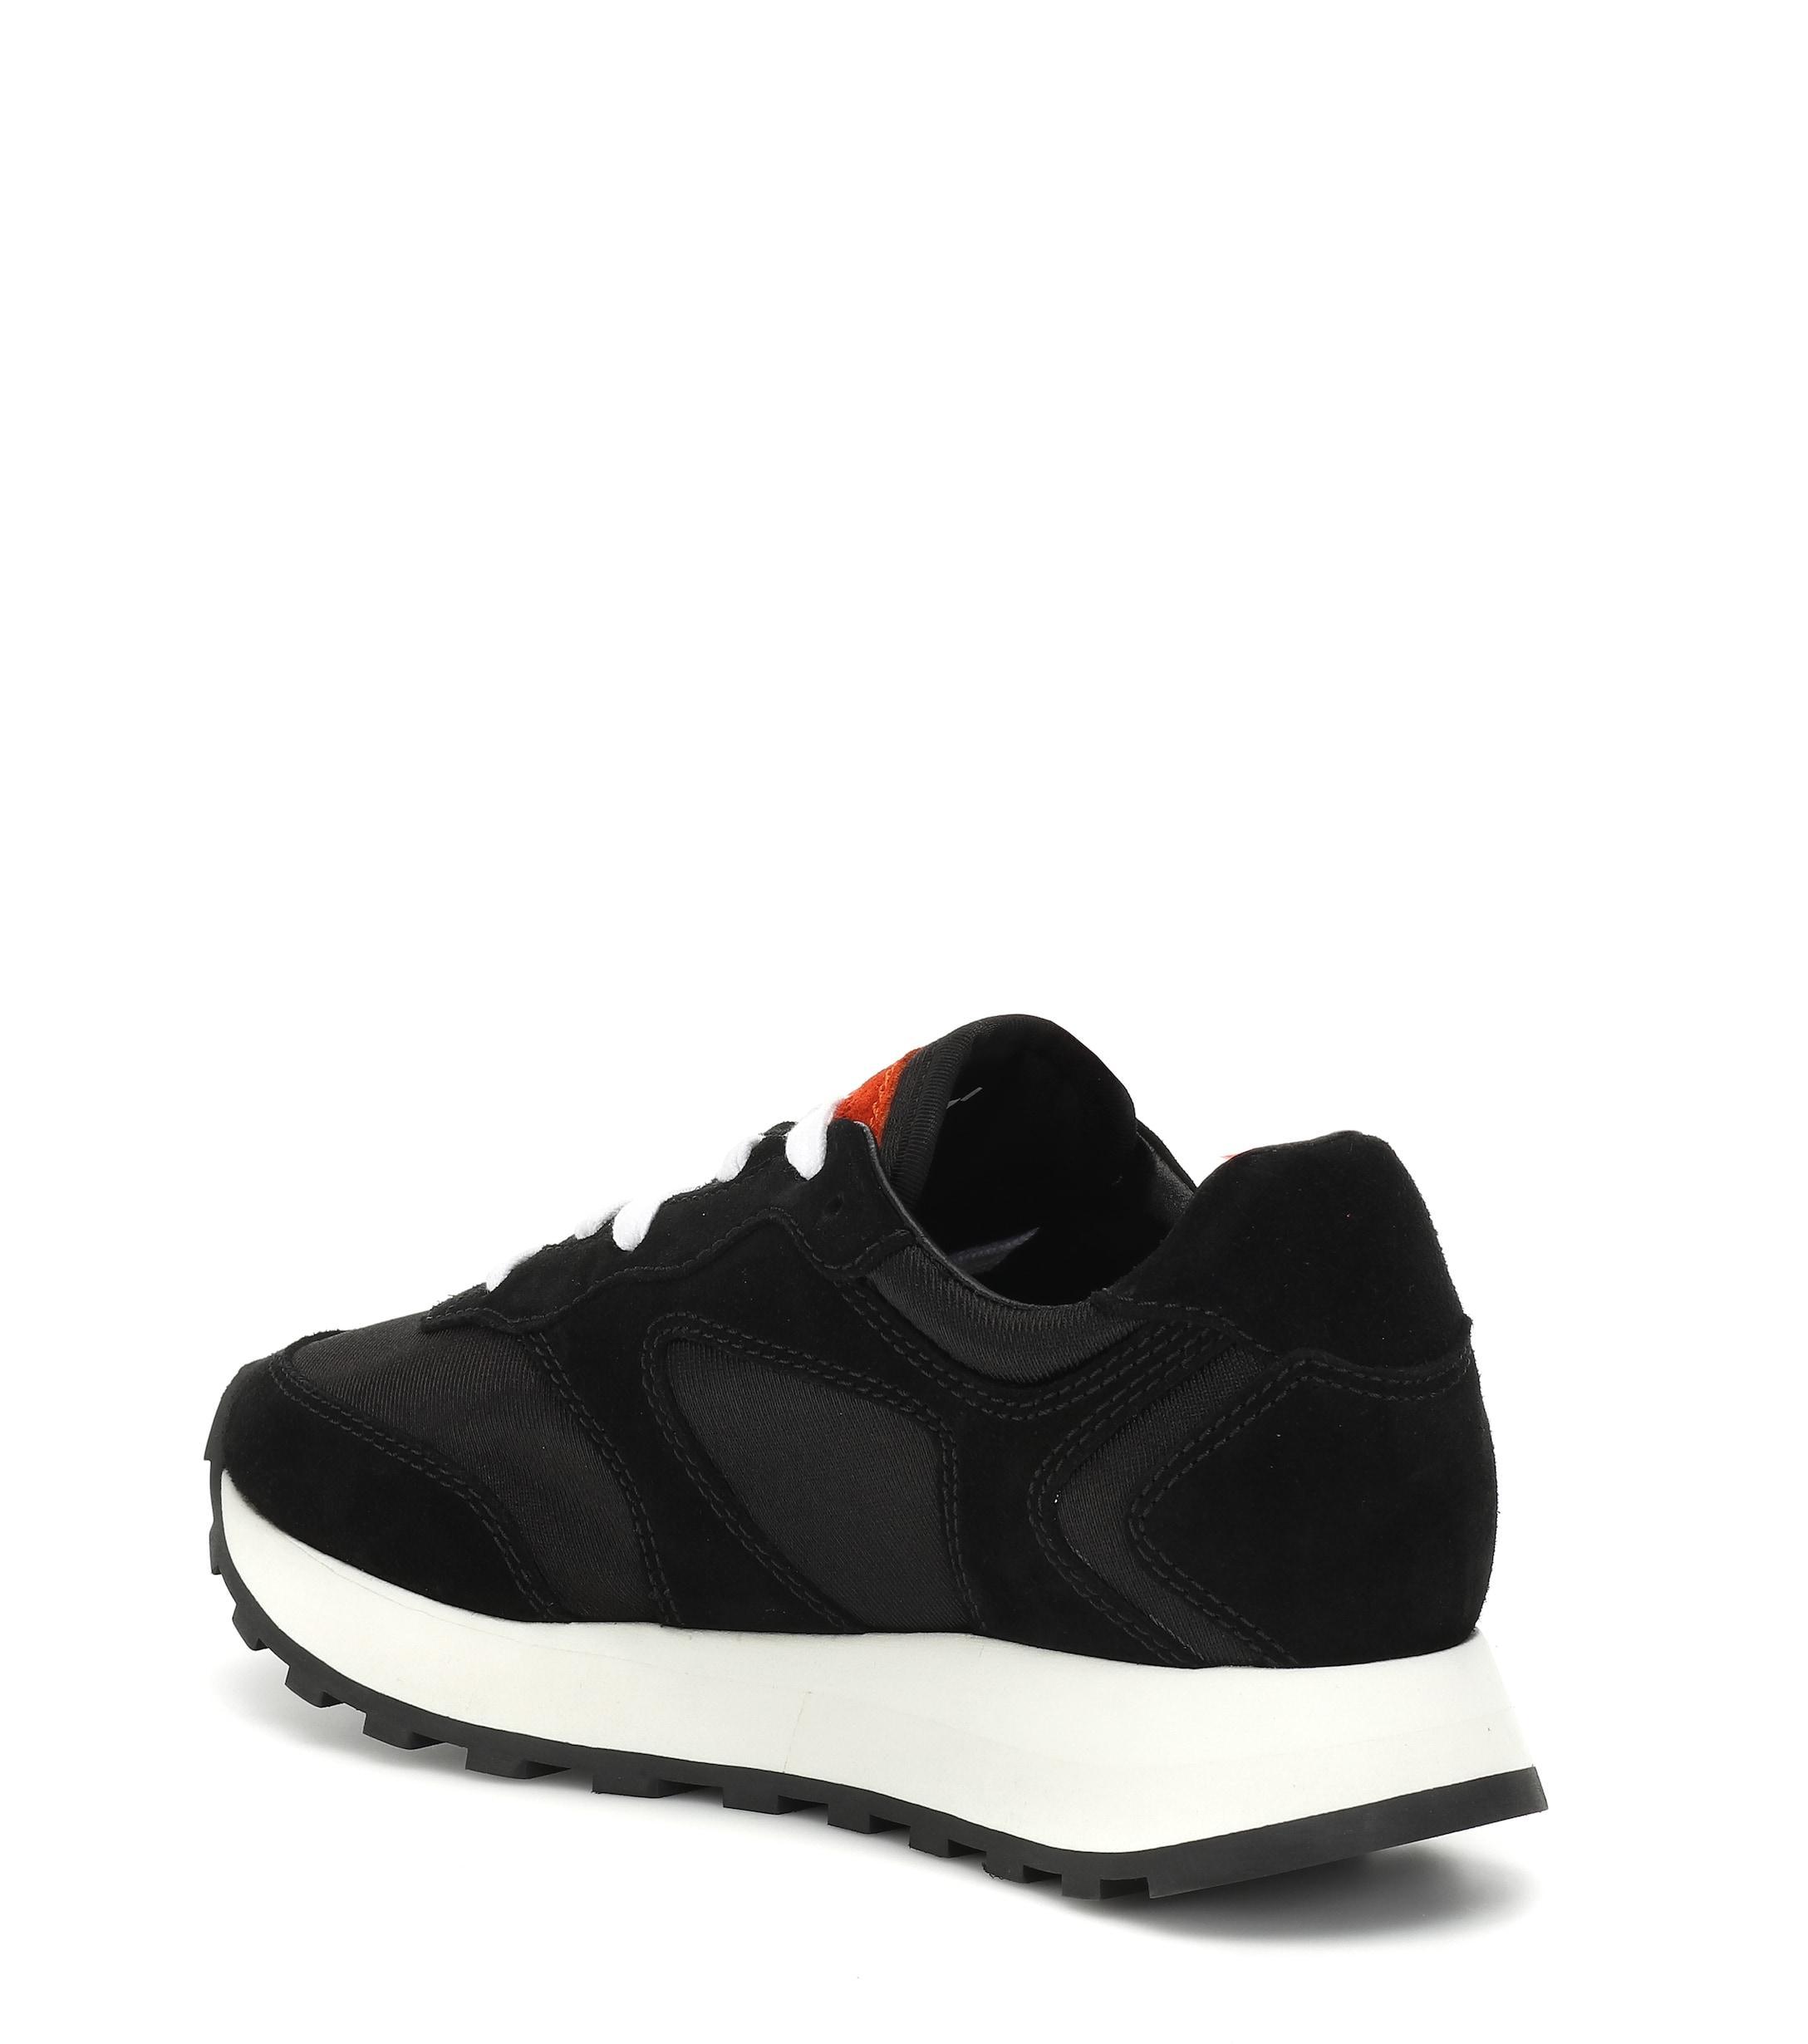 Zapatillas Runner de gamuza Off-White c/o Virgil Abloh de Ante de color Negro